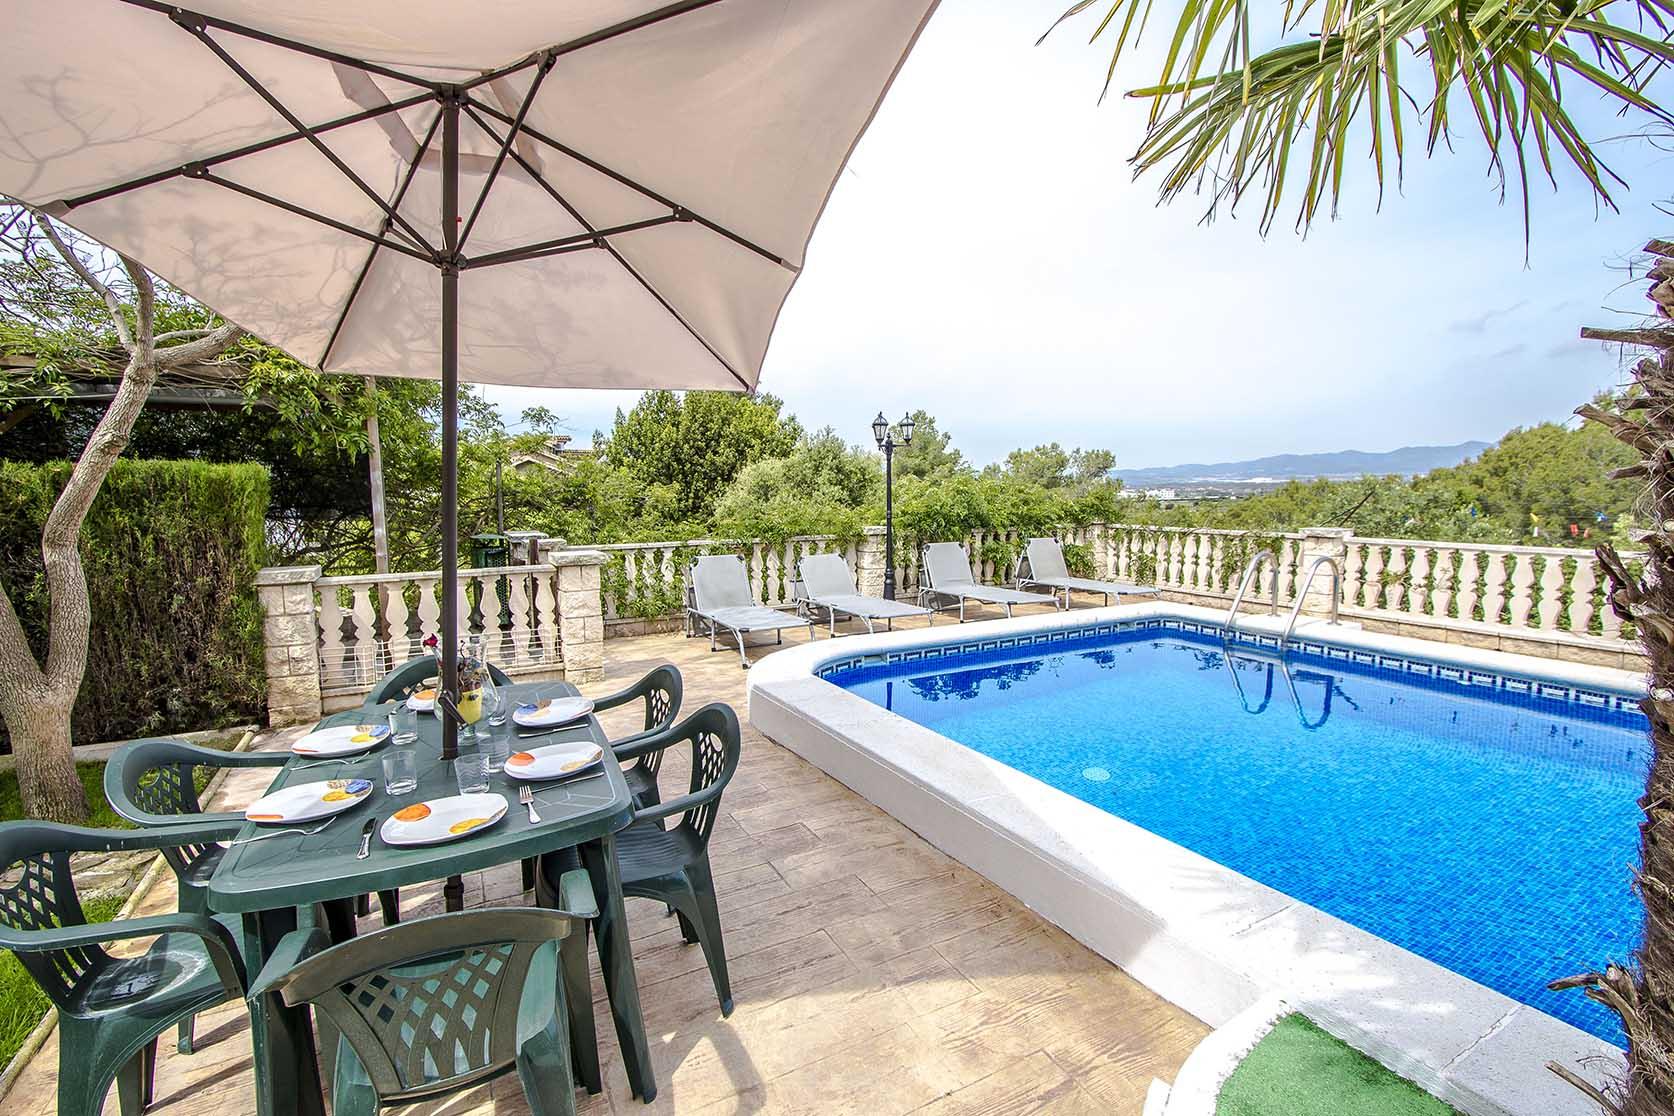 Ferienhaus Catalunya Casas: Lovely villa in Castellet, only 10 min to Costa Dorada beaches! (1890850), Castellet i la Gornal, Costa del Garraf, Katalonien, Spanien, Bild 5